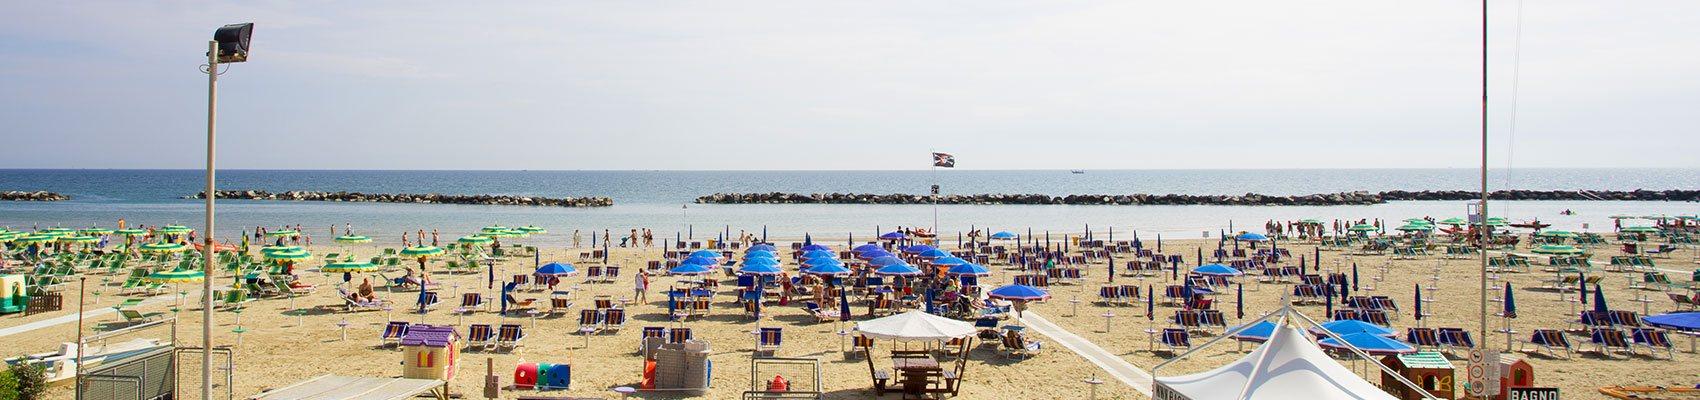 Matrimonio Spiaggia Bellaria : Cosa fare a bellaria igea marina visitare idee spiagge